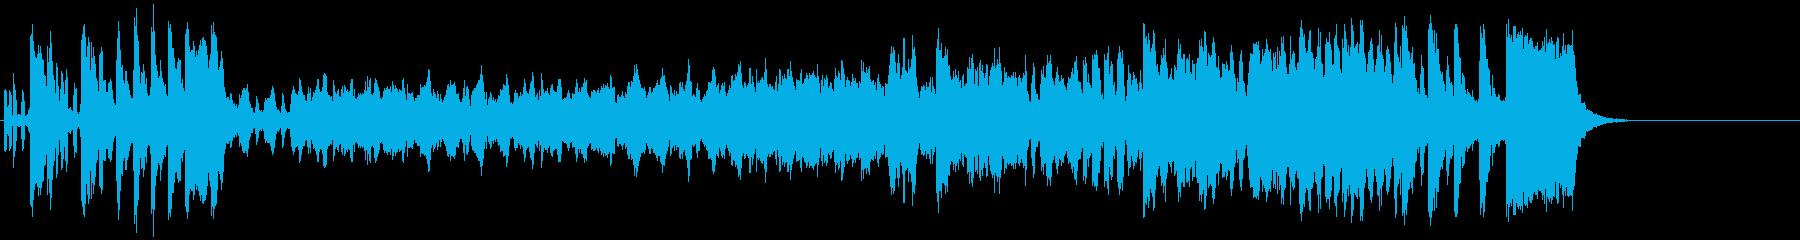 ウインナ・ワルツ風クラシック楽曲の再生済みの波形